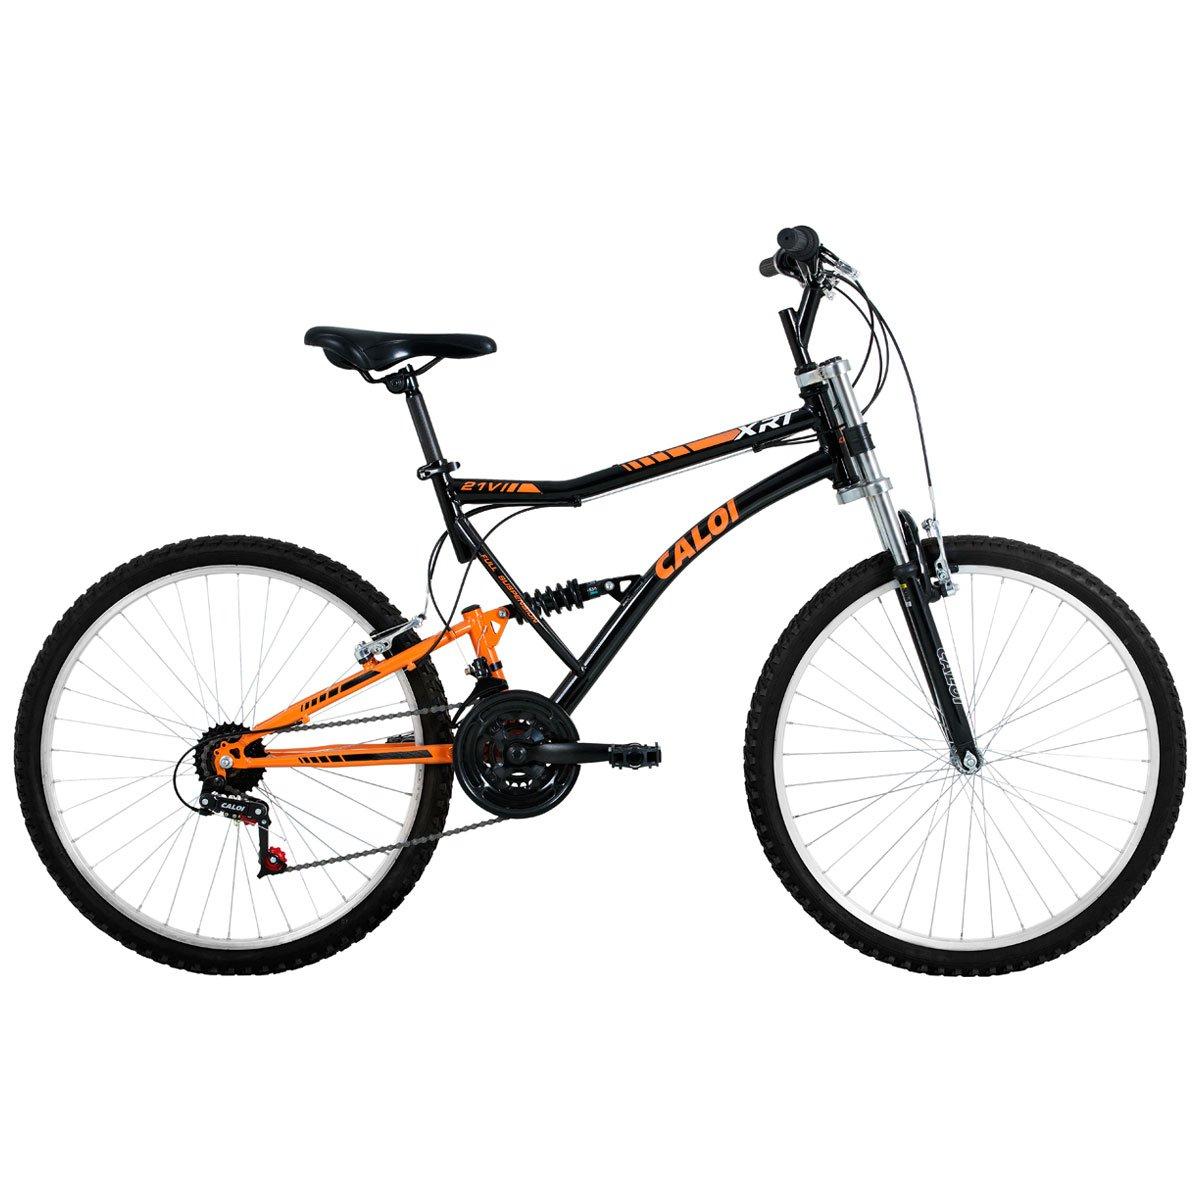 0b7c46f23 Bicicleta Caloi XRT - Aro 26 - 21 Marchas - Full Suspension